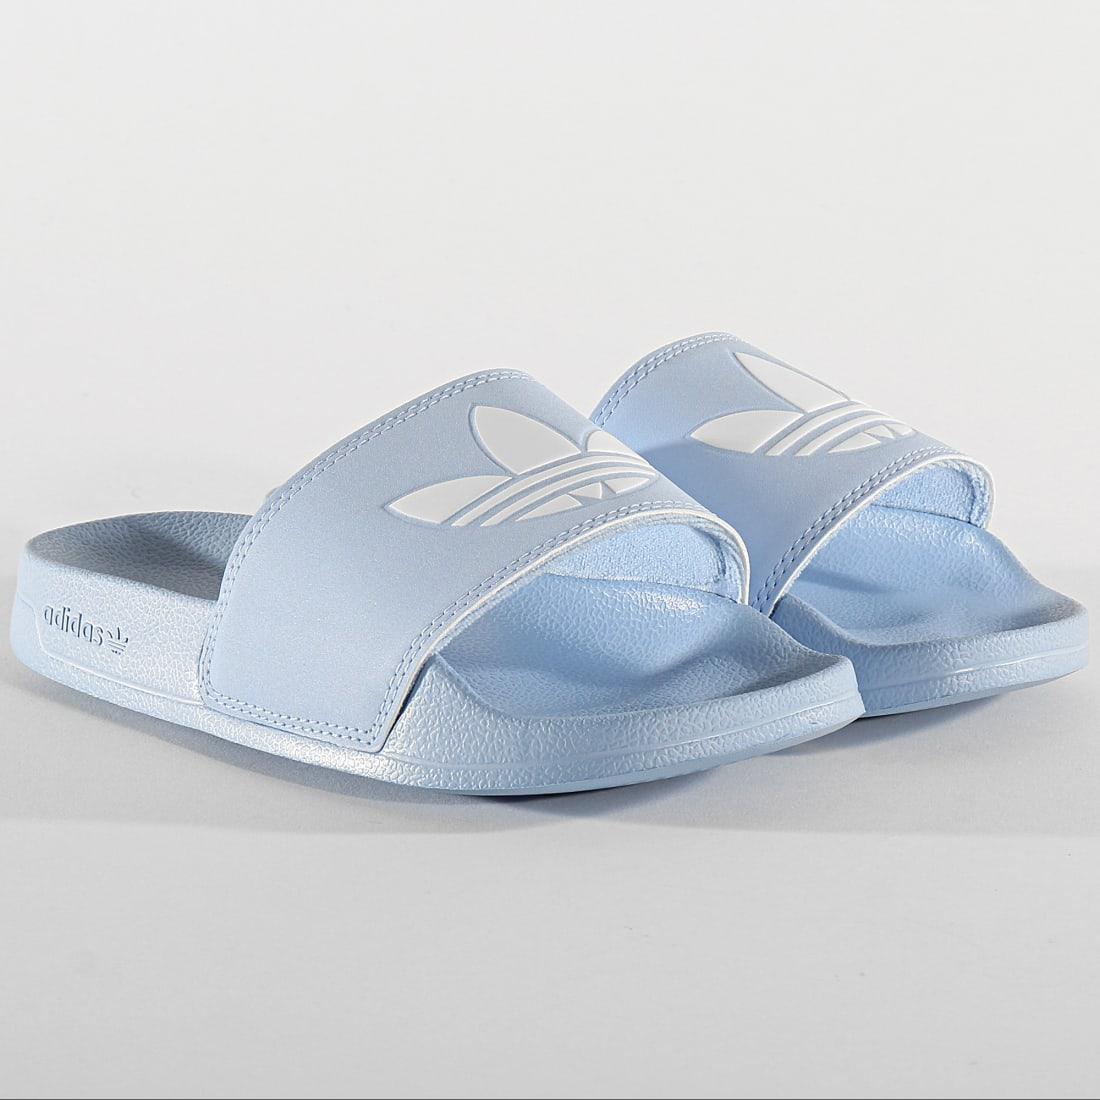 adidas - Claquettes Femme Adilette Lite FU9138 Bleu ...